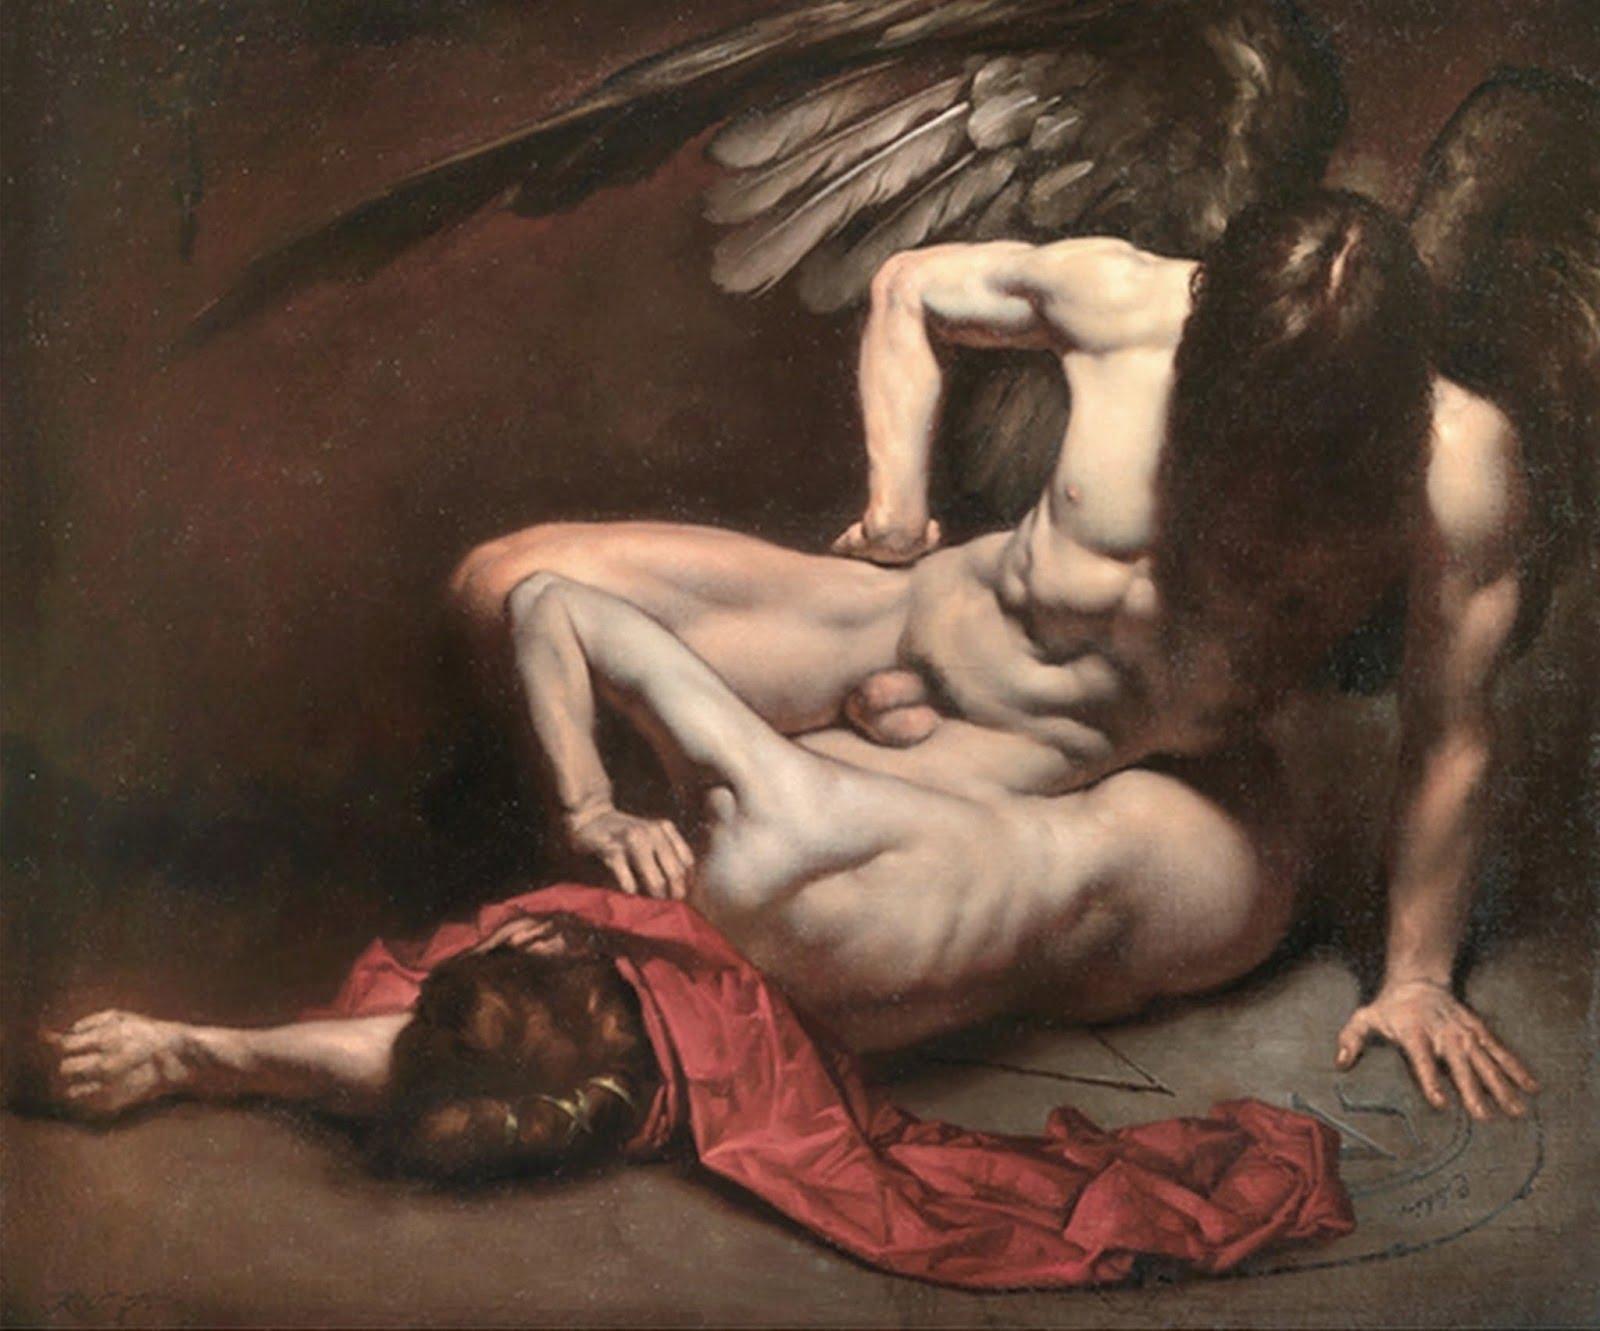 La historia de la corrupción de los ángeles